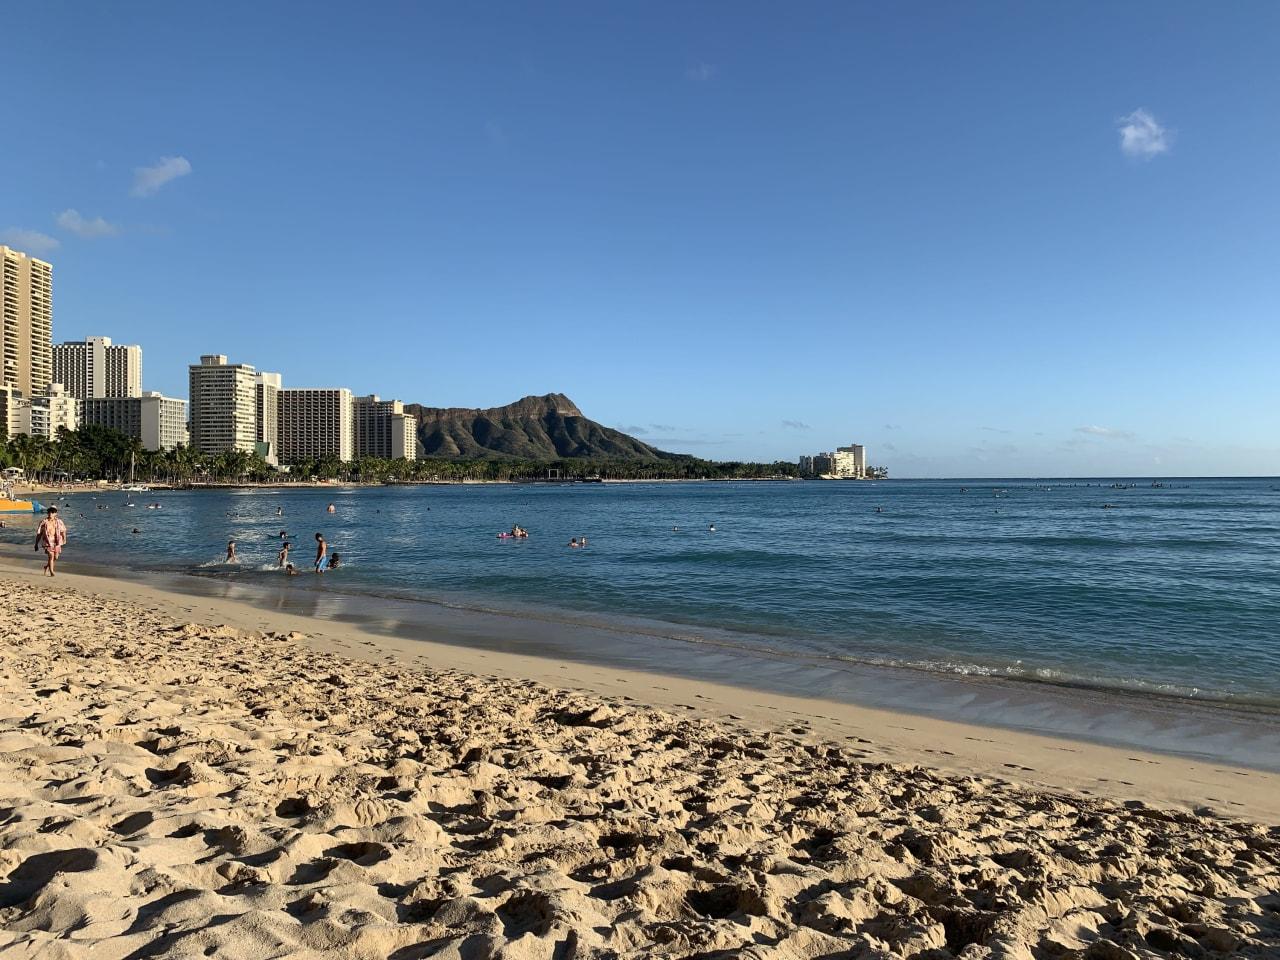 Kauai Real Estate, Our Trip To Oahu, Poipu Beach Real Estate Update, Kiahuna Plantation Real Estate Update